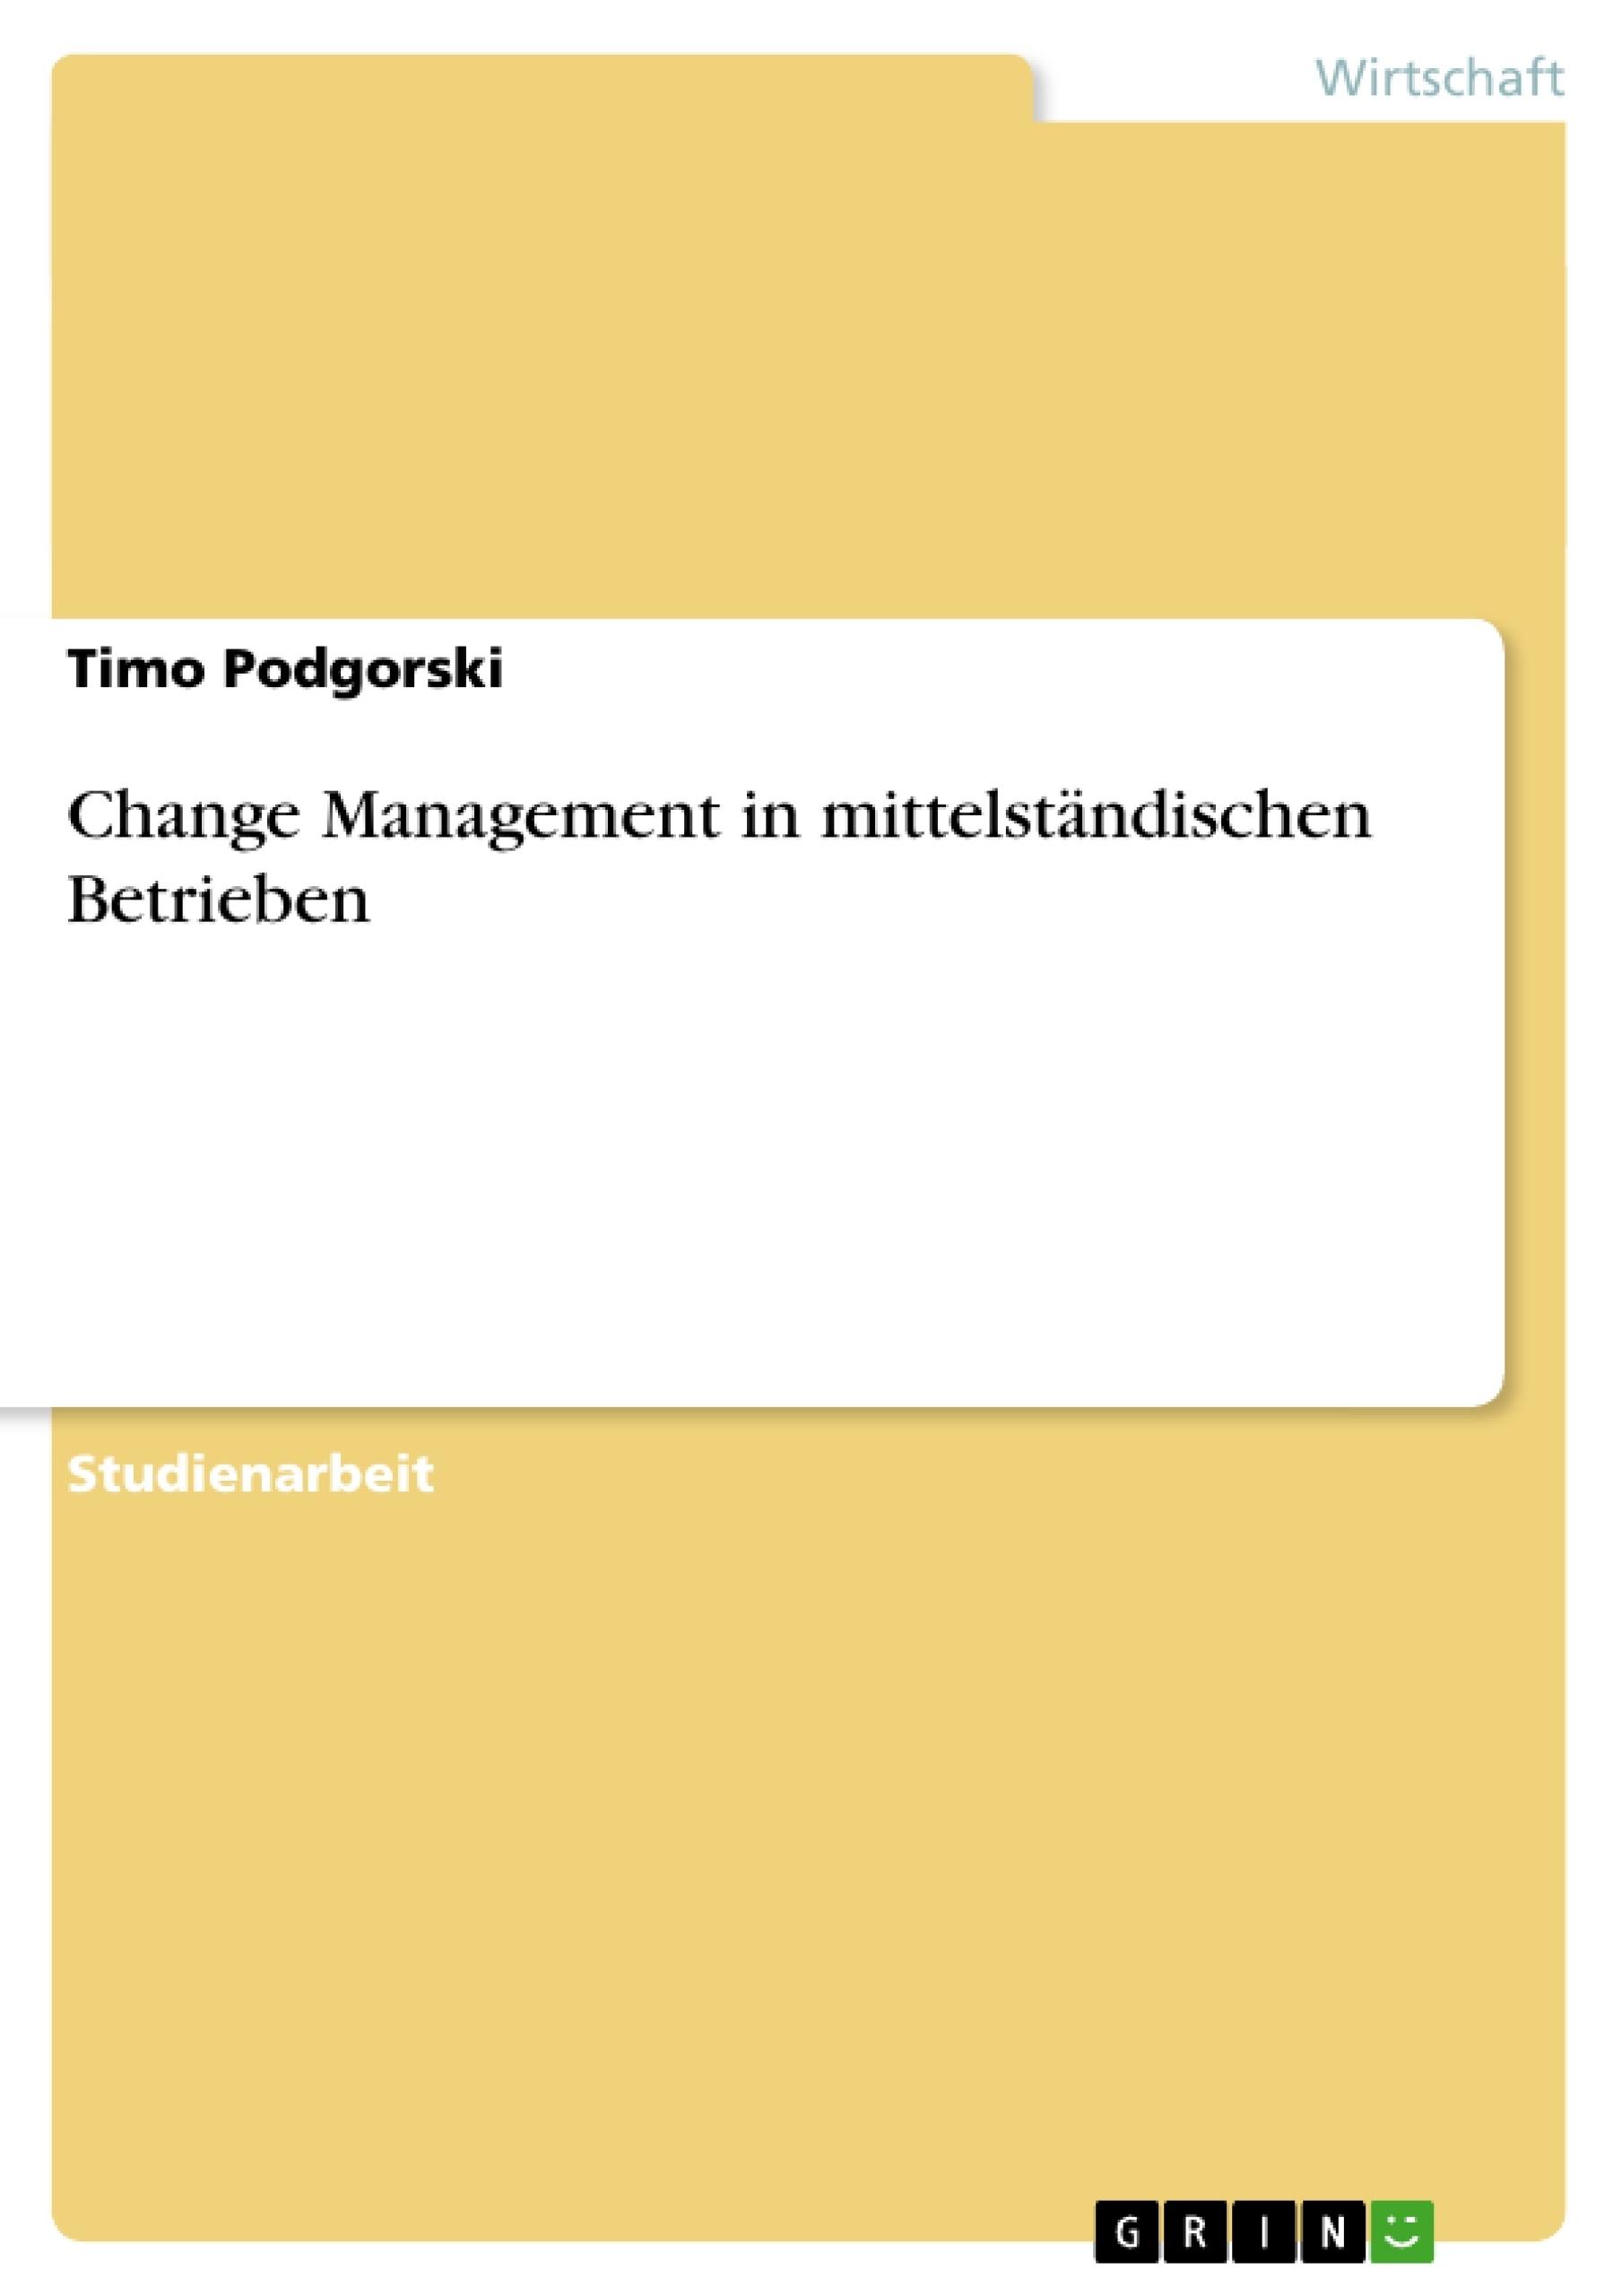 Titel: Change Management in mittelständischen Betrieben